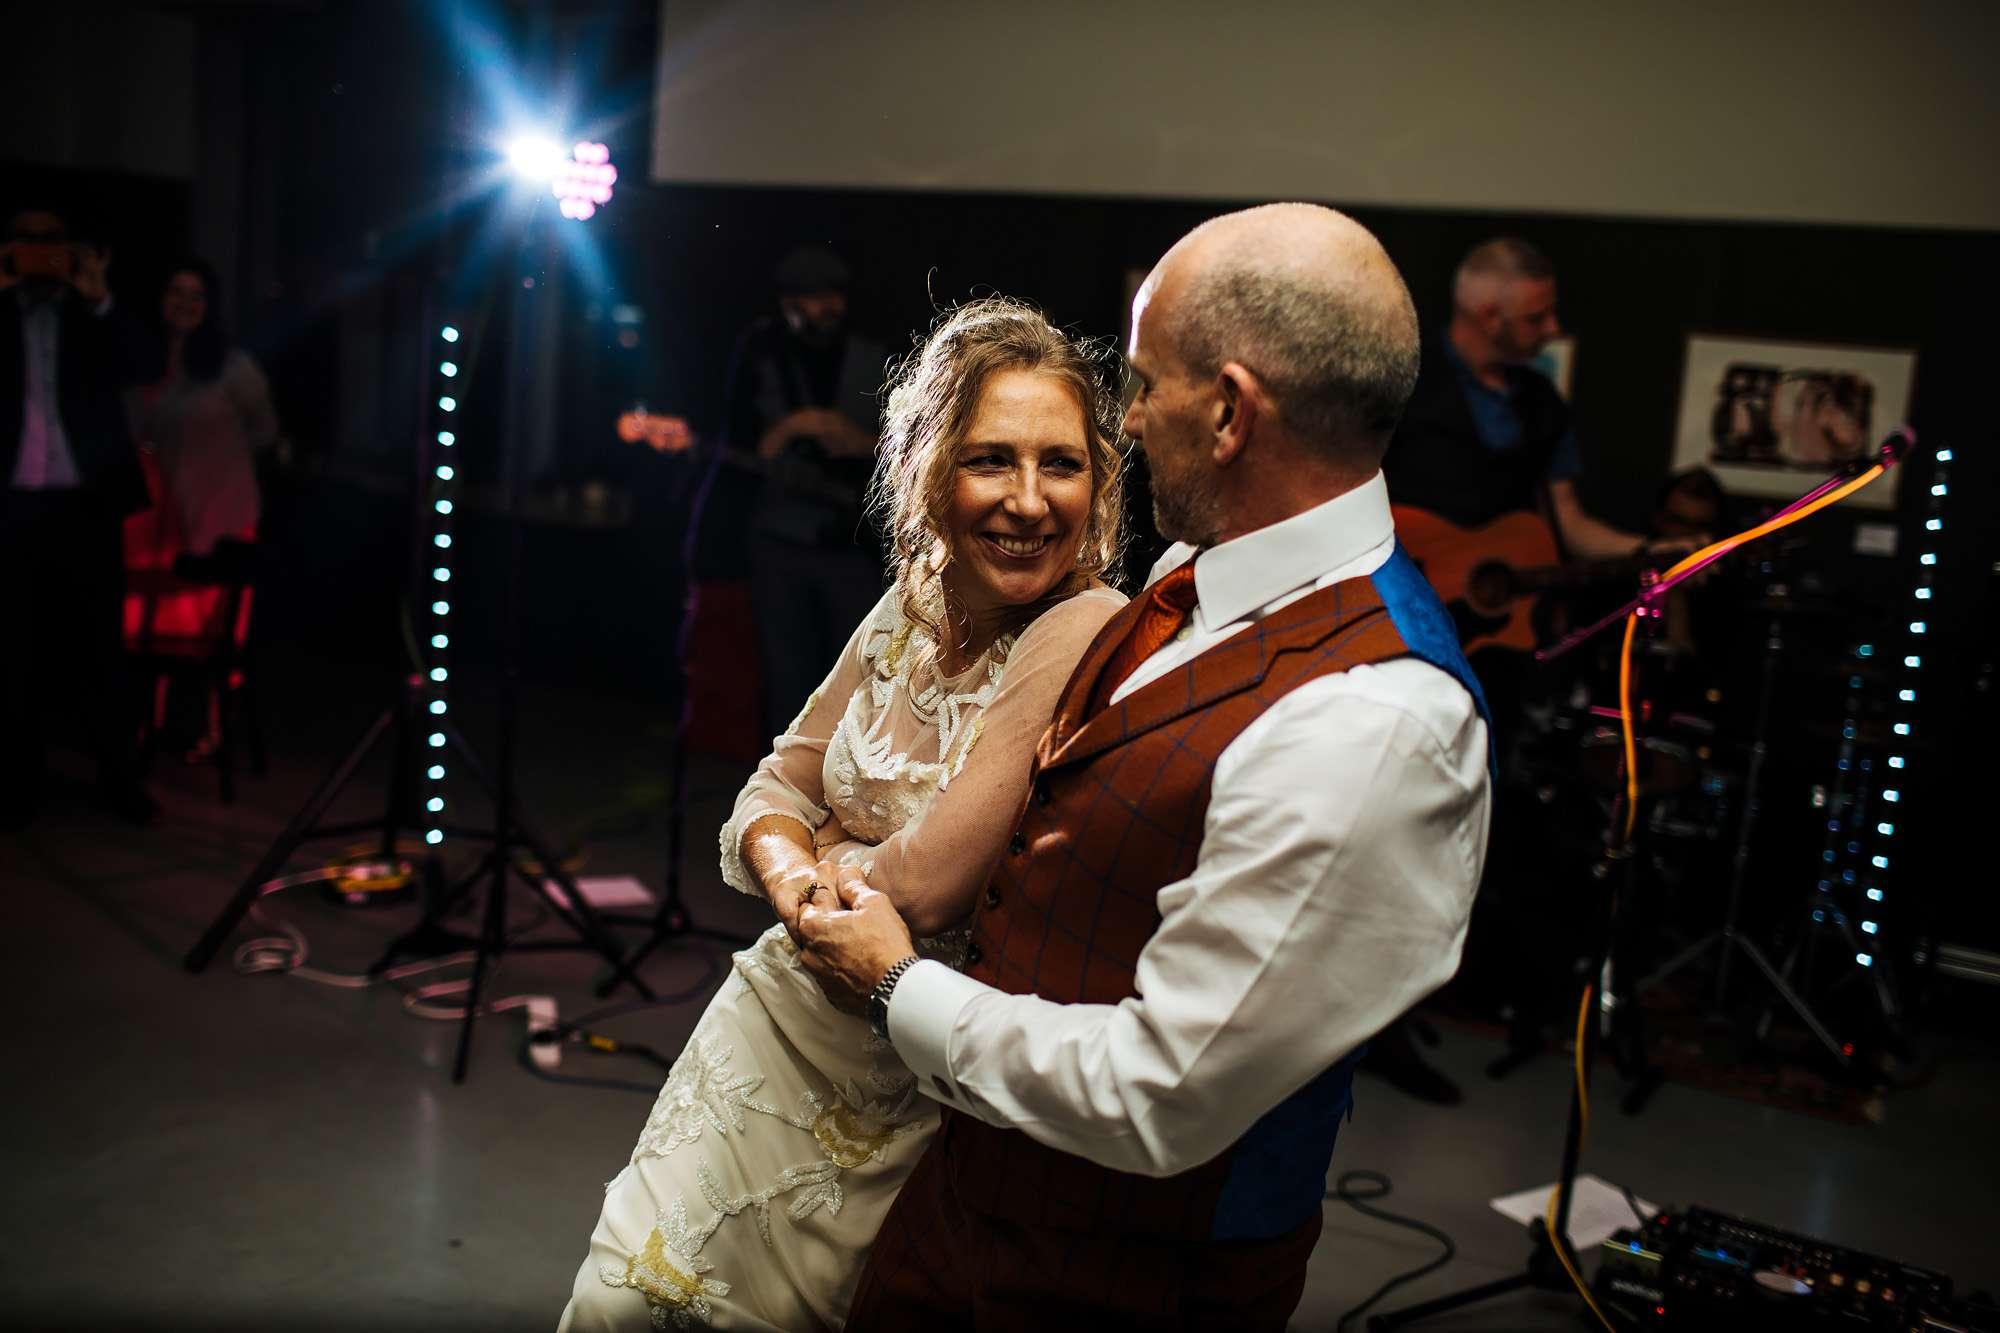 Bride and groom celebrate their wedding at Hepworth Art Gallery